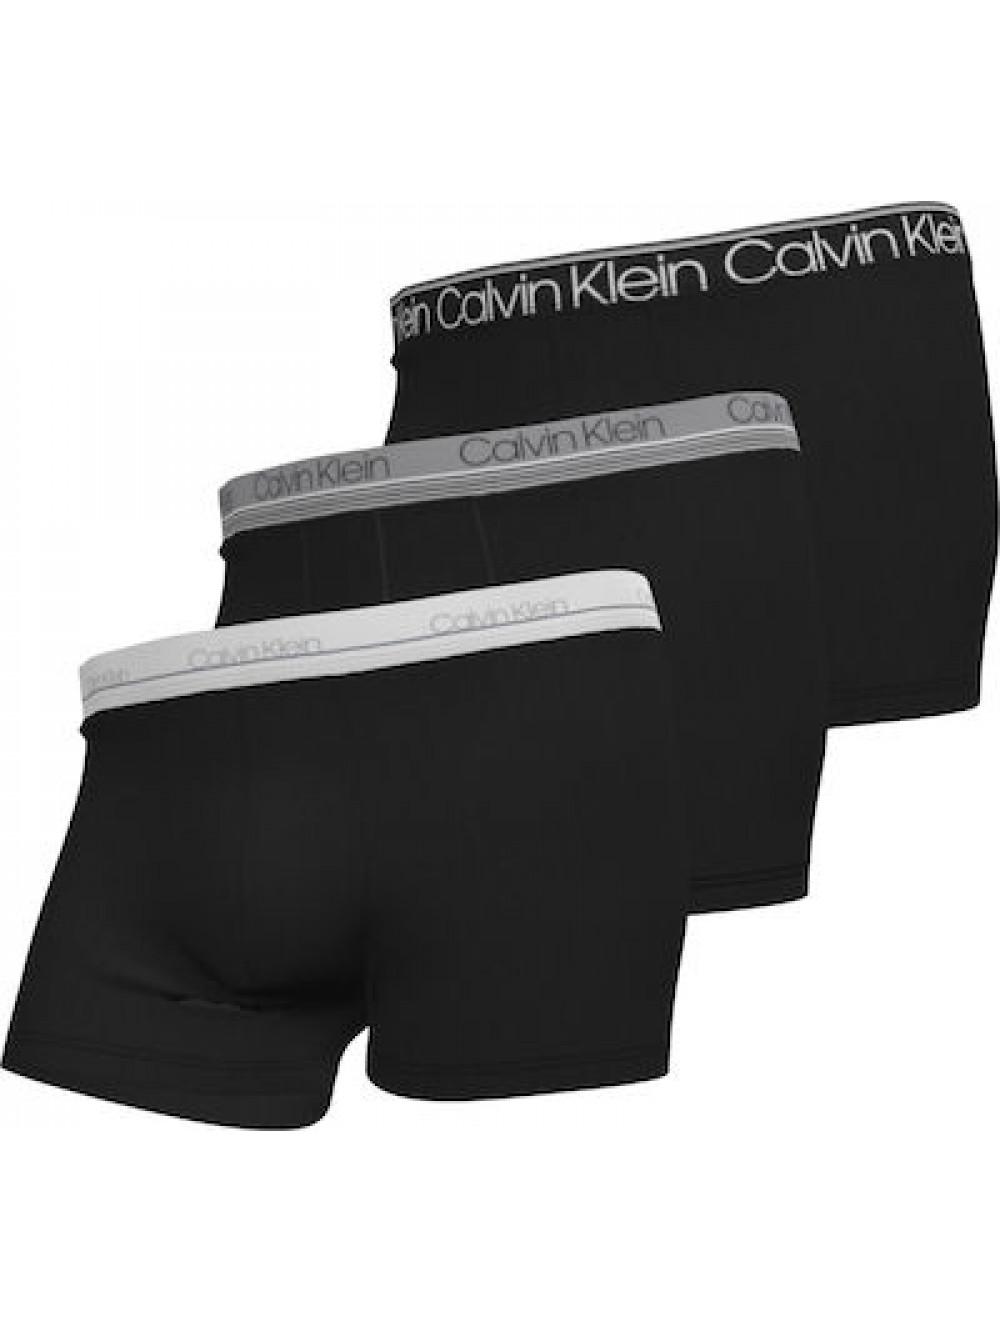 Pánské boxerky Calvin Klein Cotton Stretch Trunk 3-pack černé